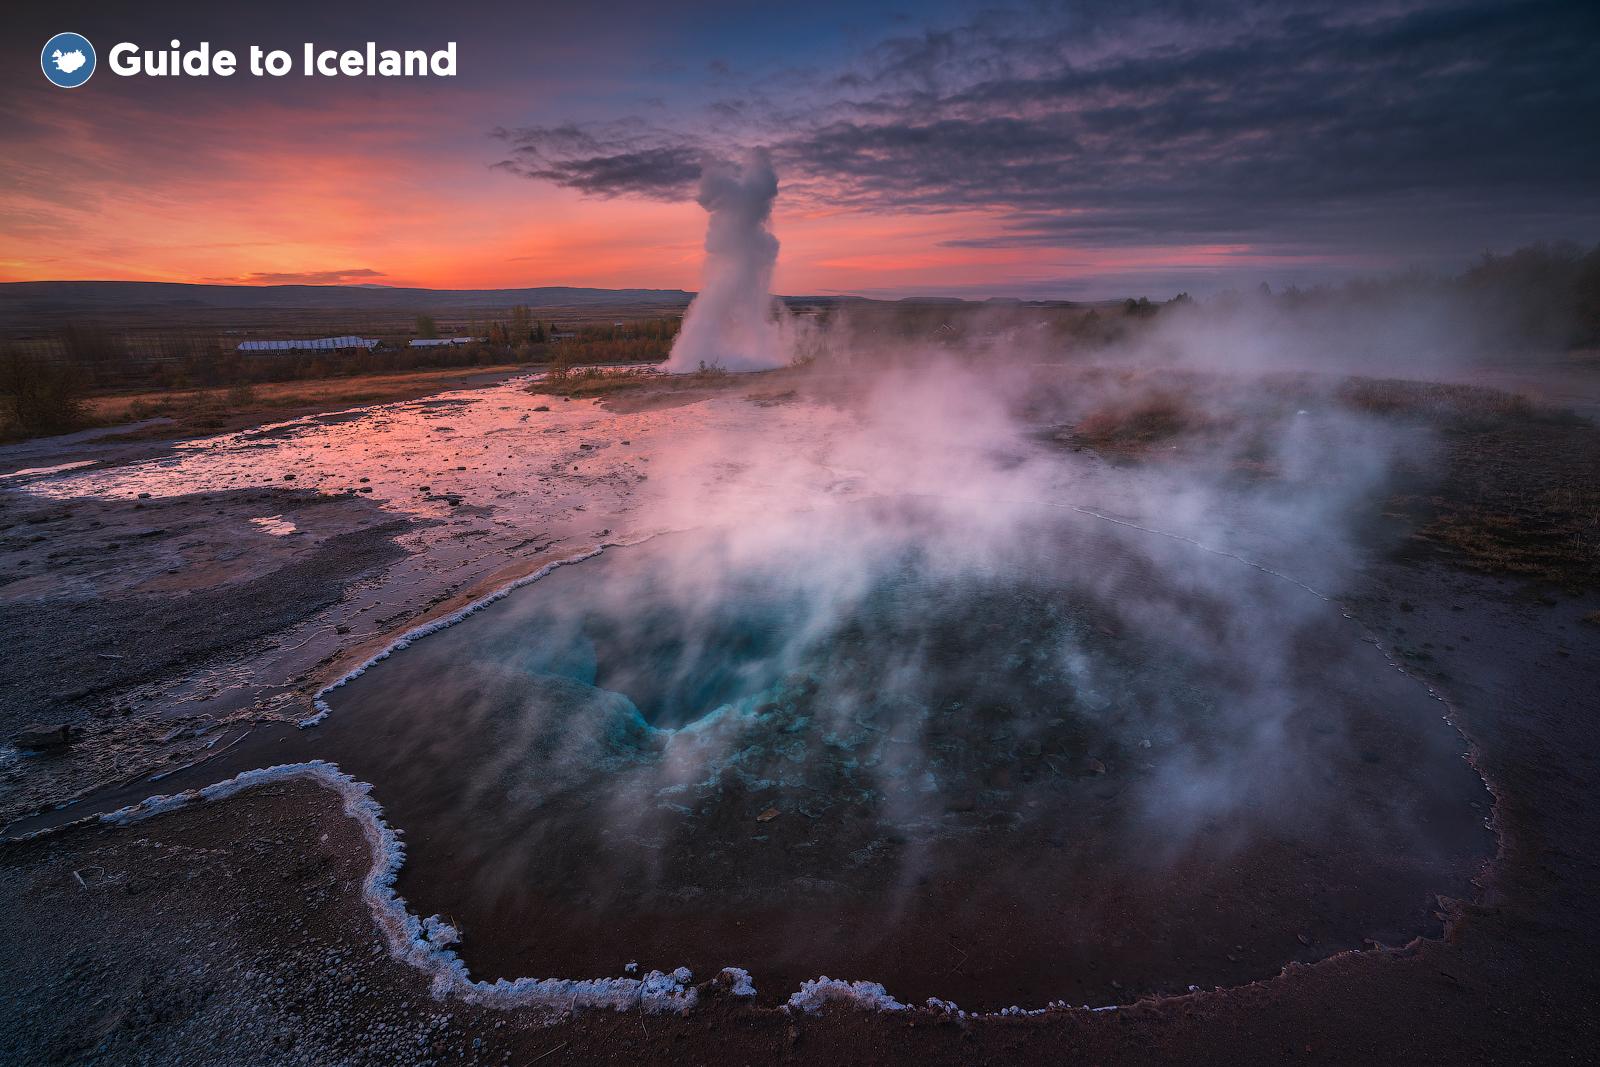 규칙적으로 뜨거운 물길을 쏟아내는 스트로쿠르 간헐천! 아름다운 광경을 감상할 수 있습니다.